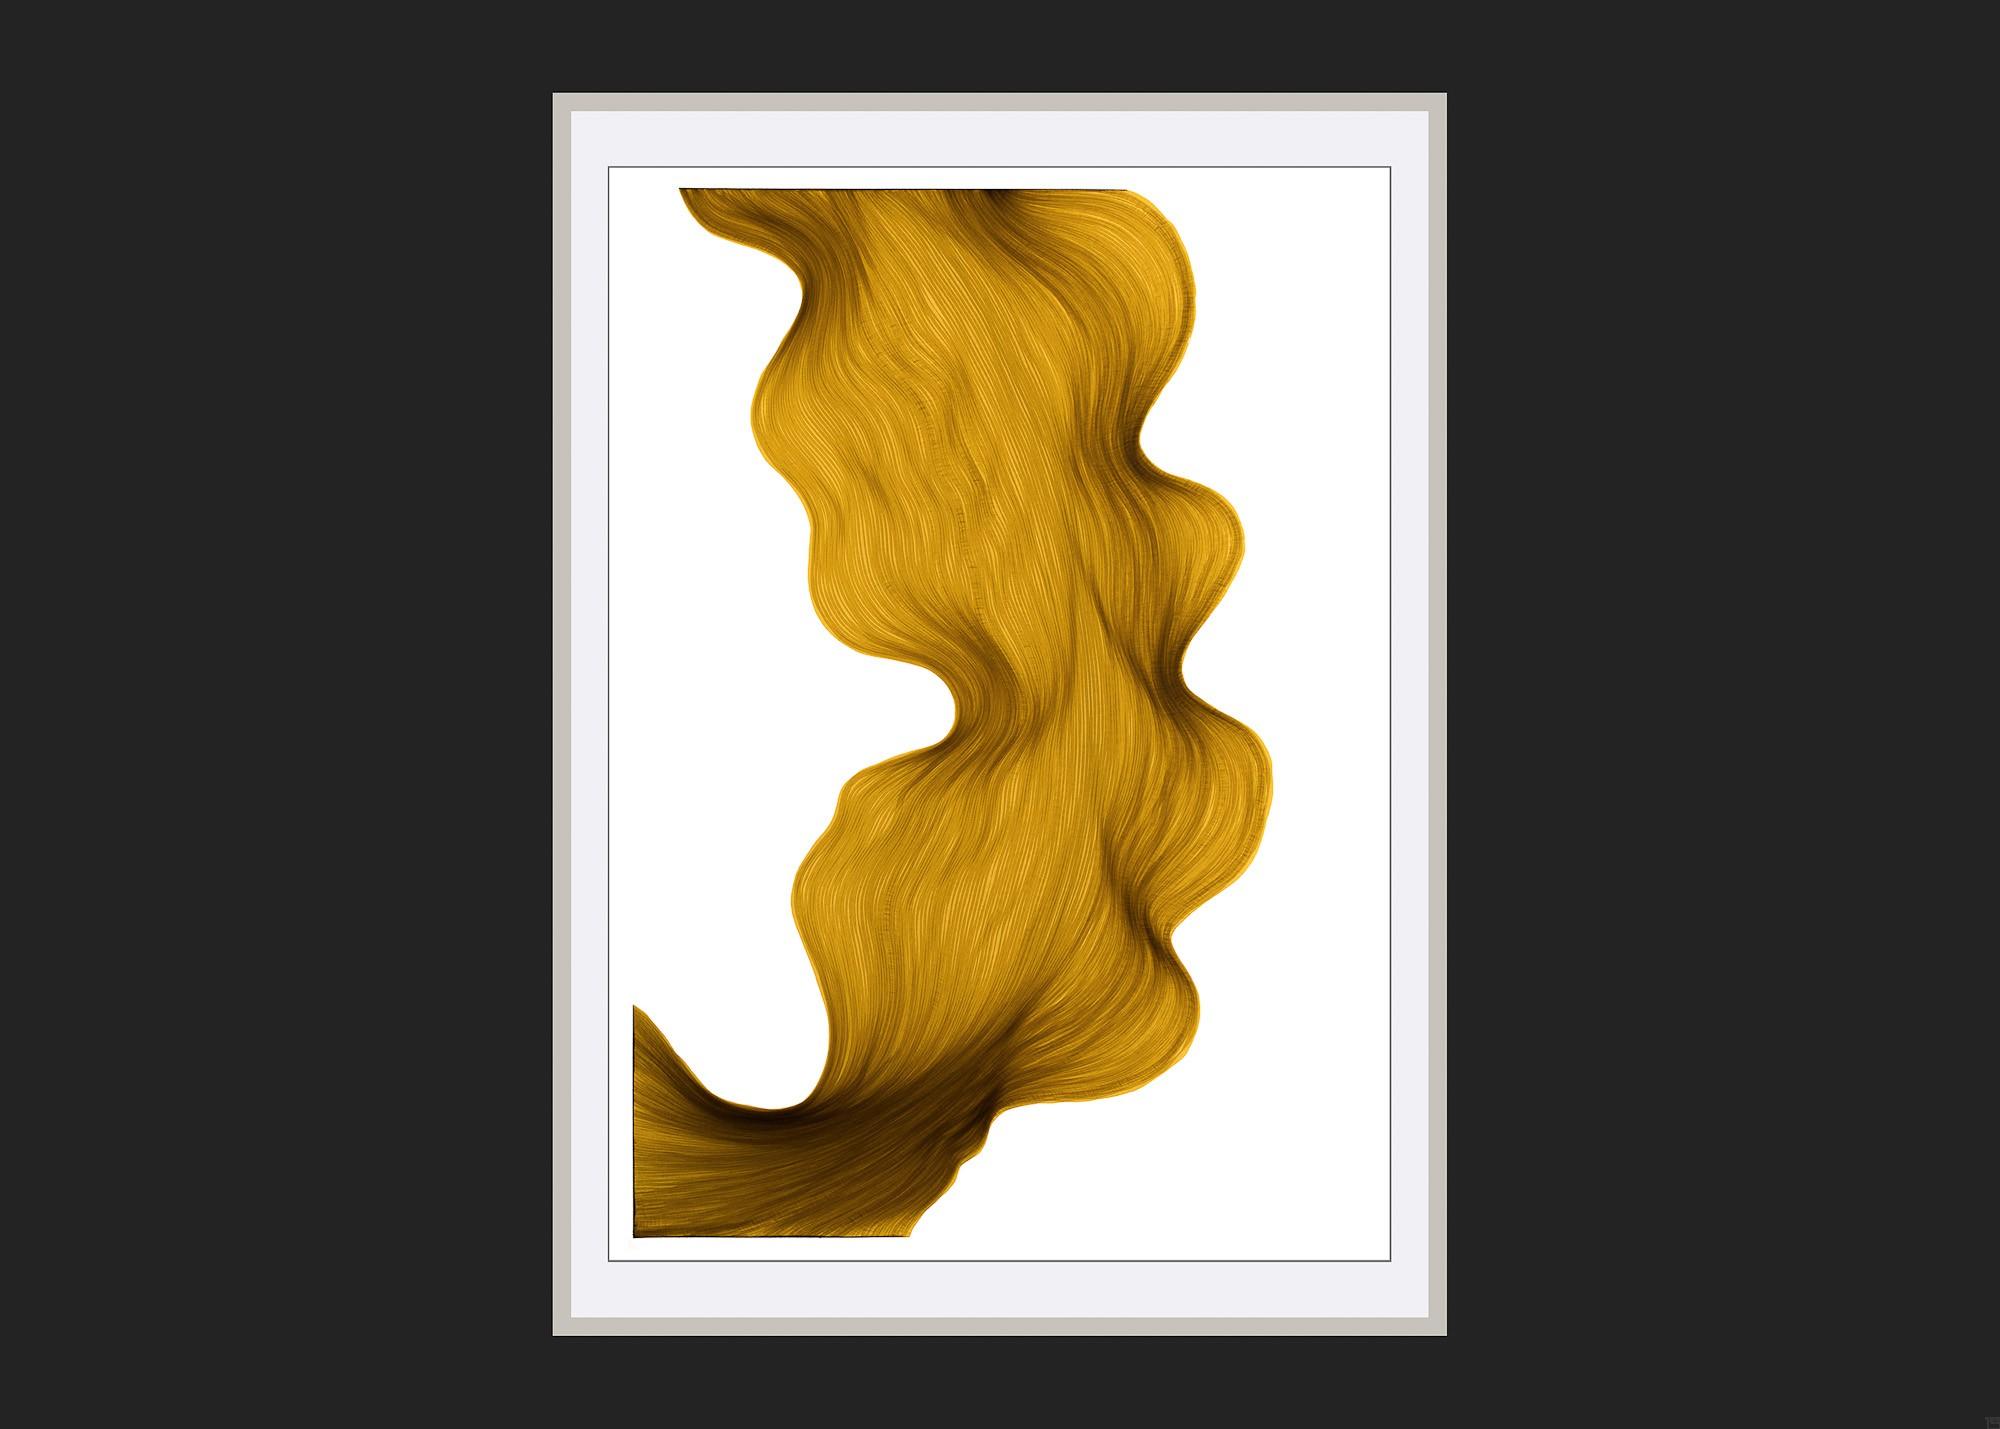 Old Gold | Lali Torma | Zeichnung | Kalligraphie Tinte auf Papier - gerahmt